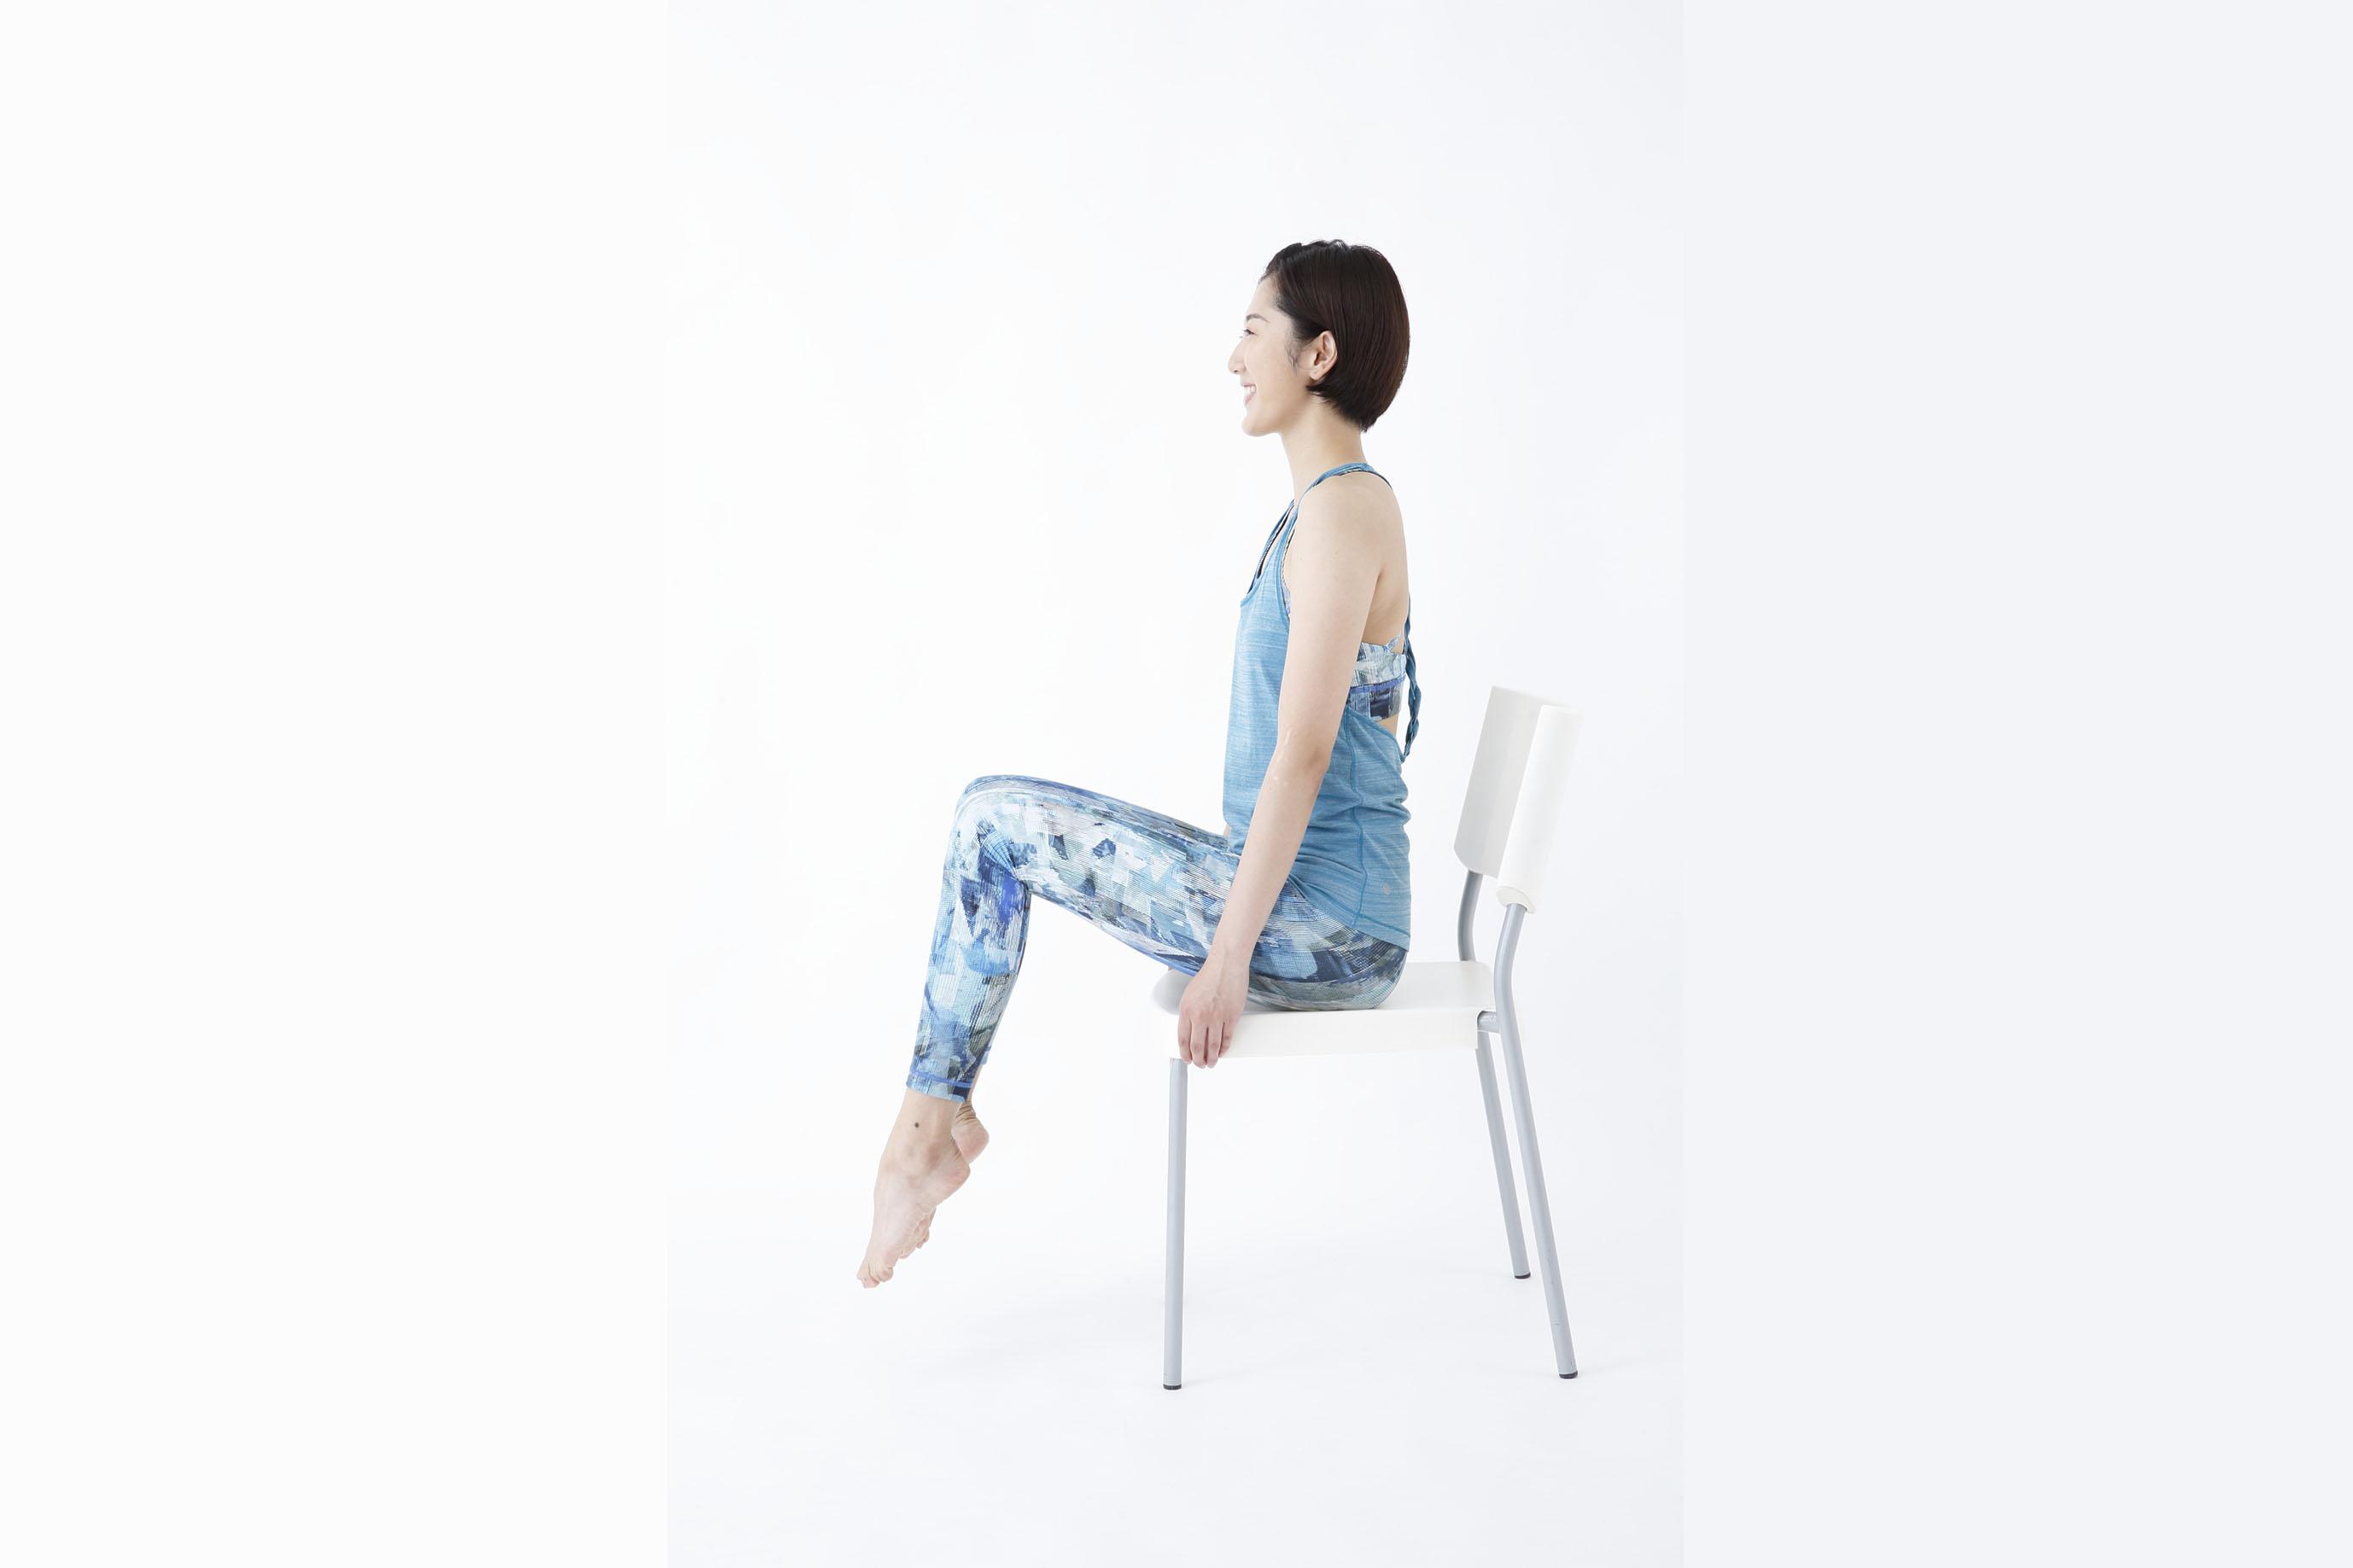 座面をつかんだまま、つま先で勢いよく床を蹴り、ひざを持ち上げている様子